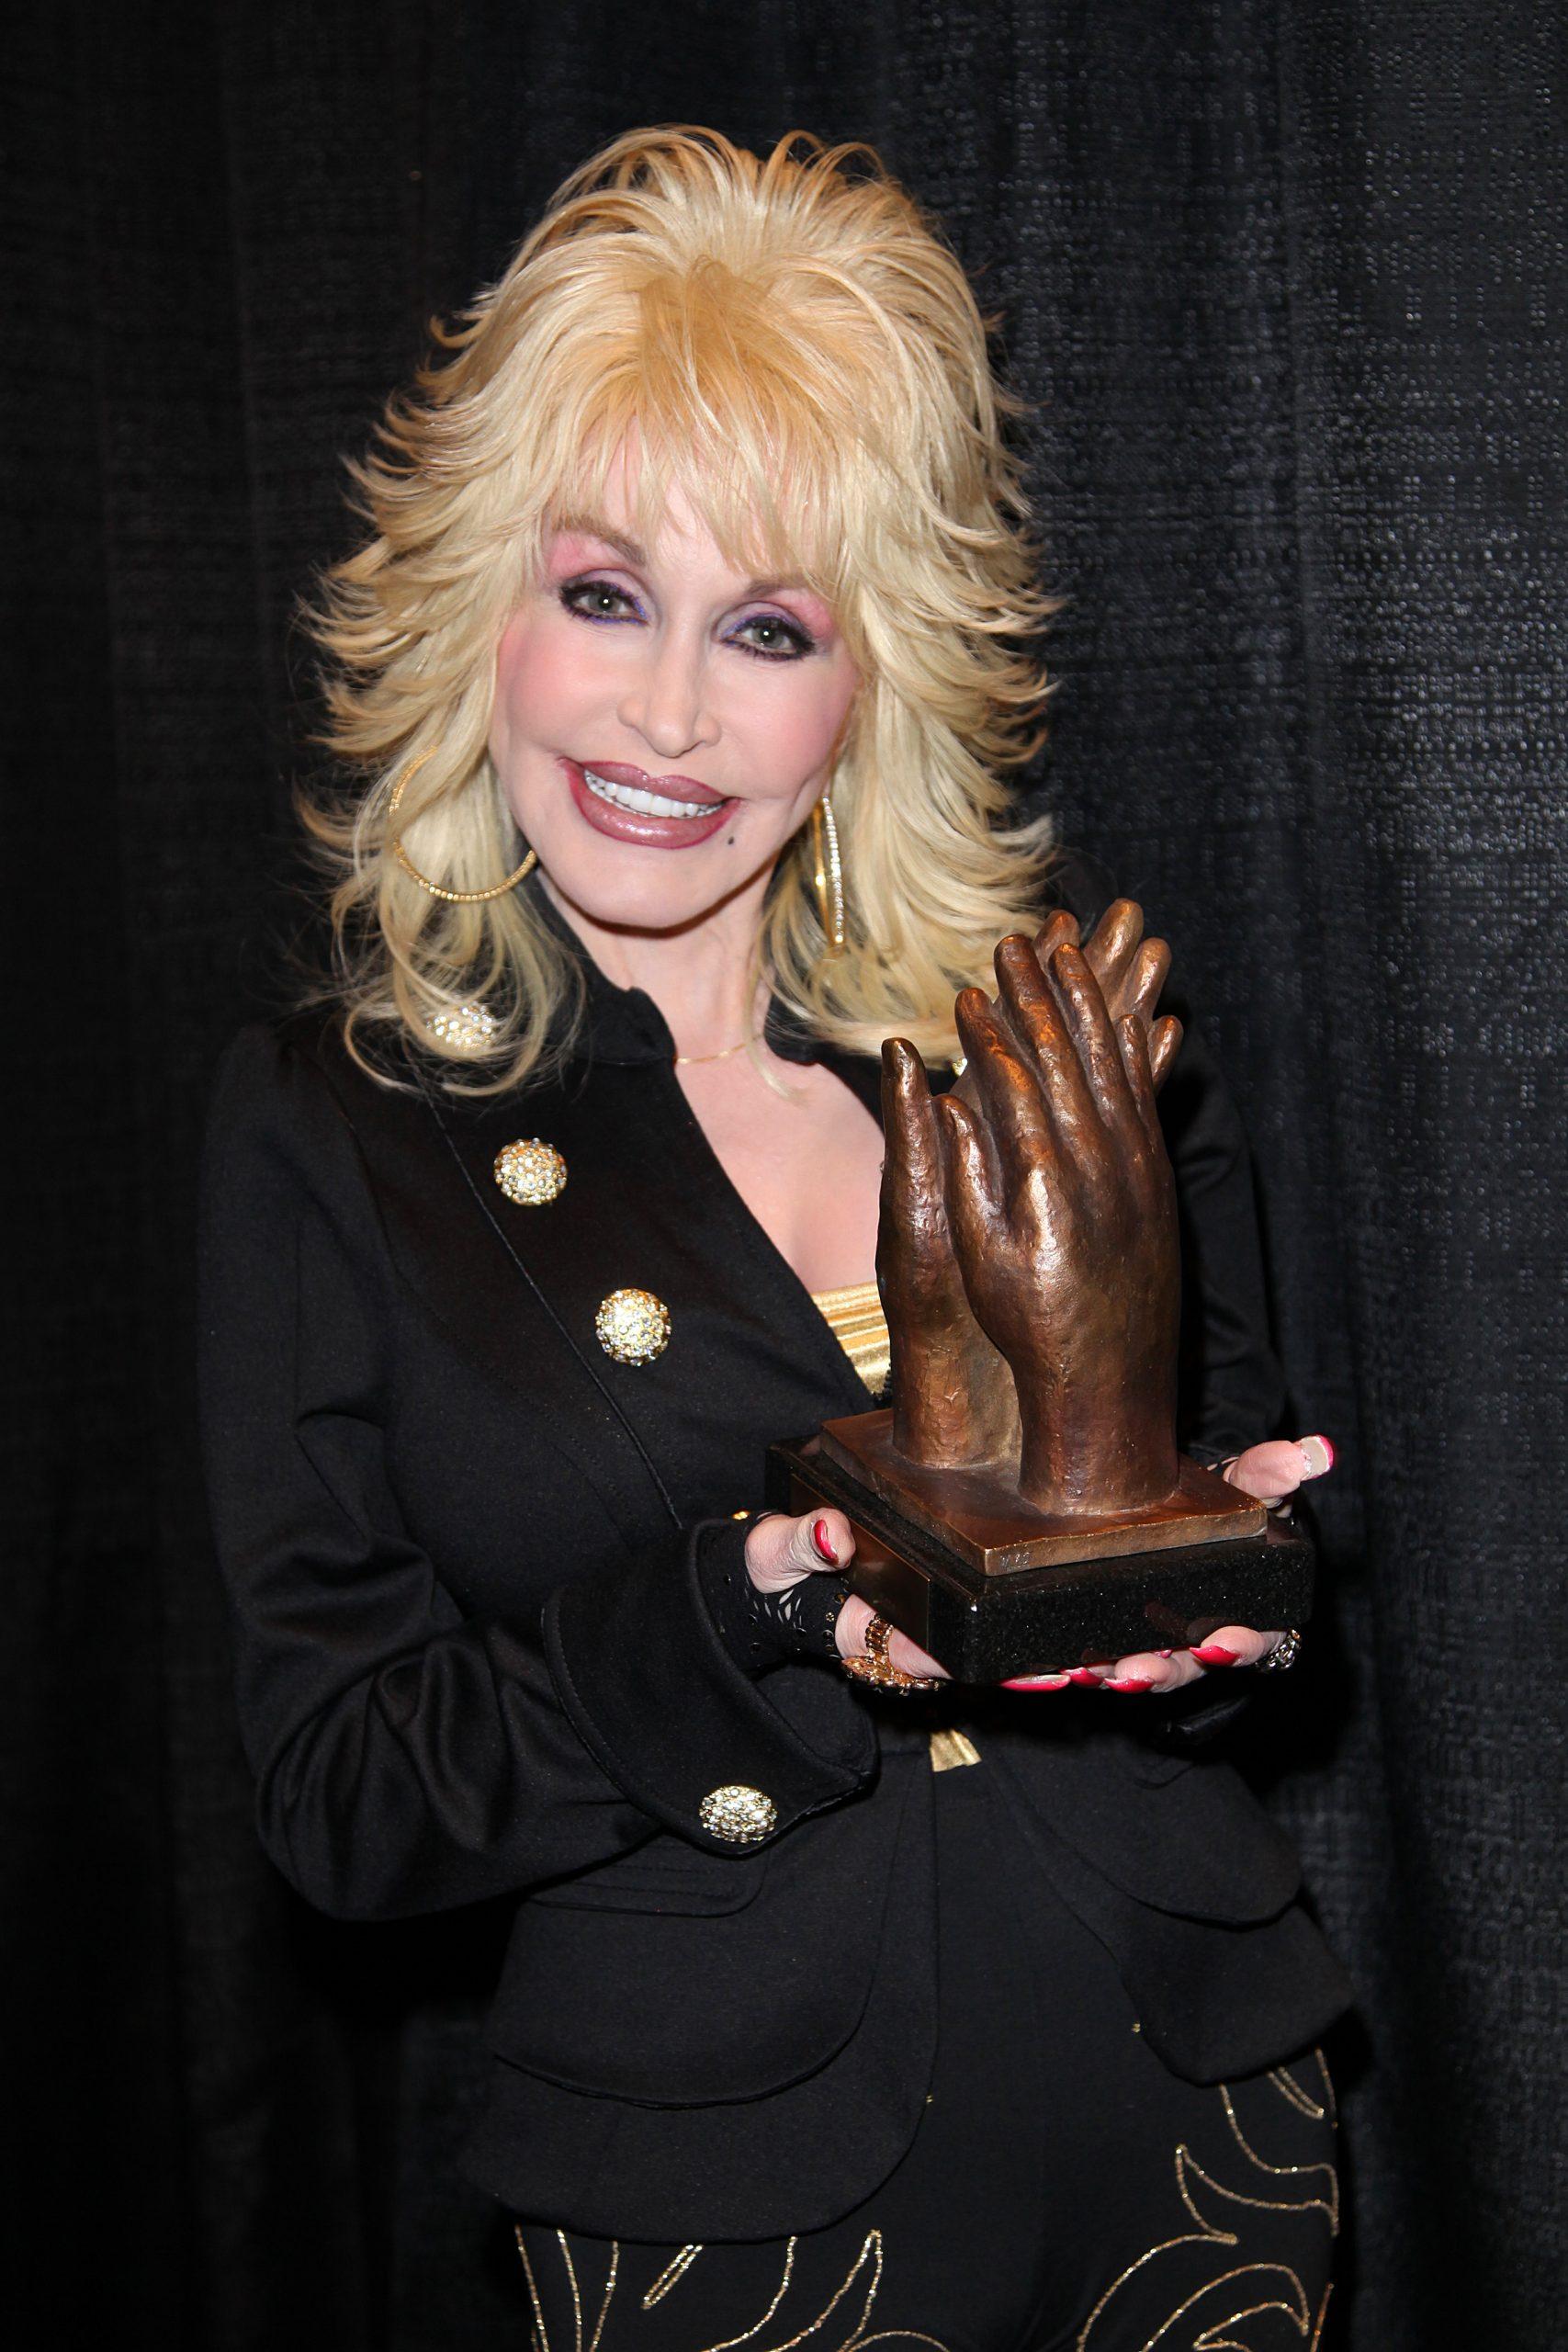 dolly parton with an award